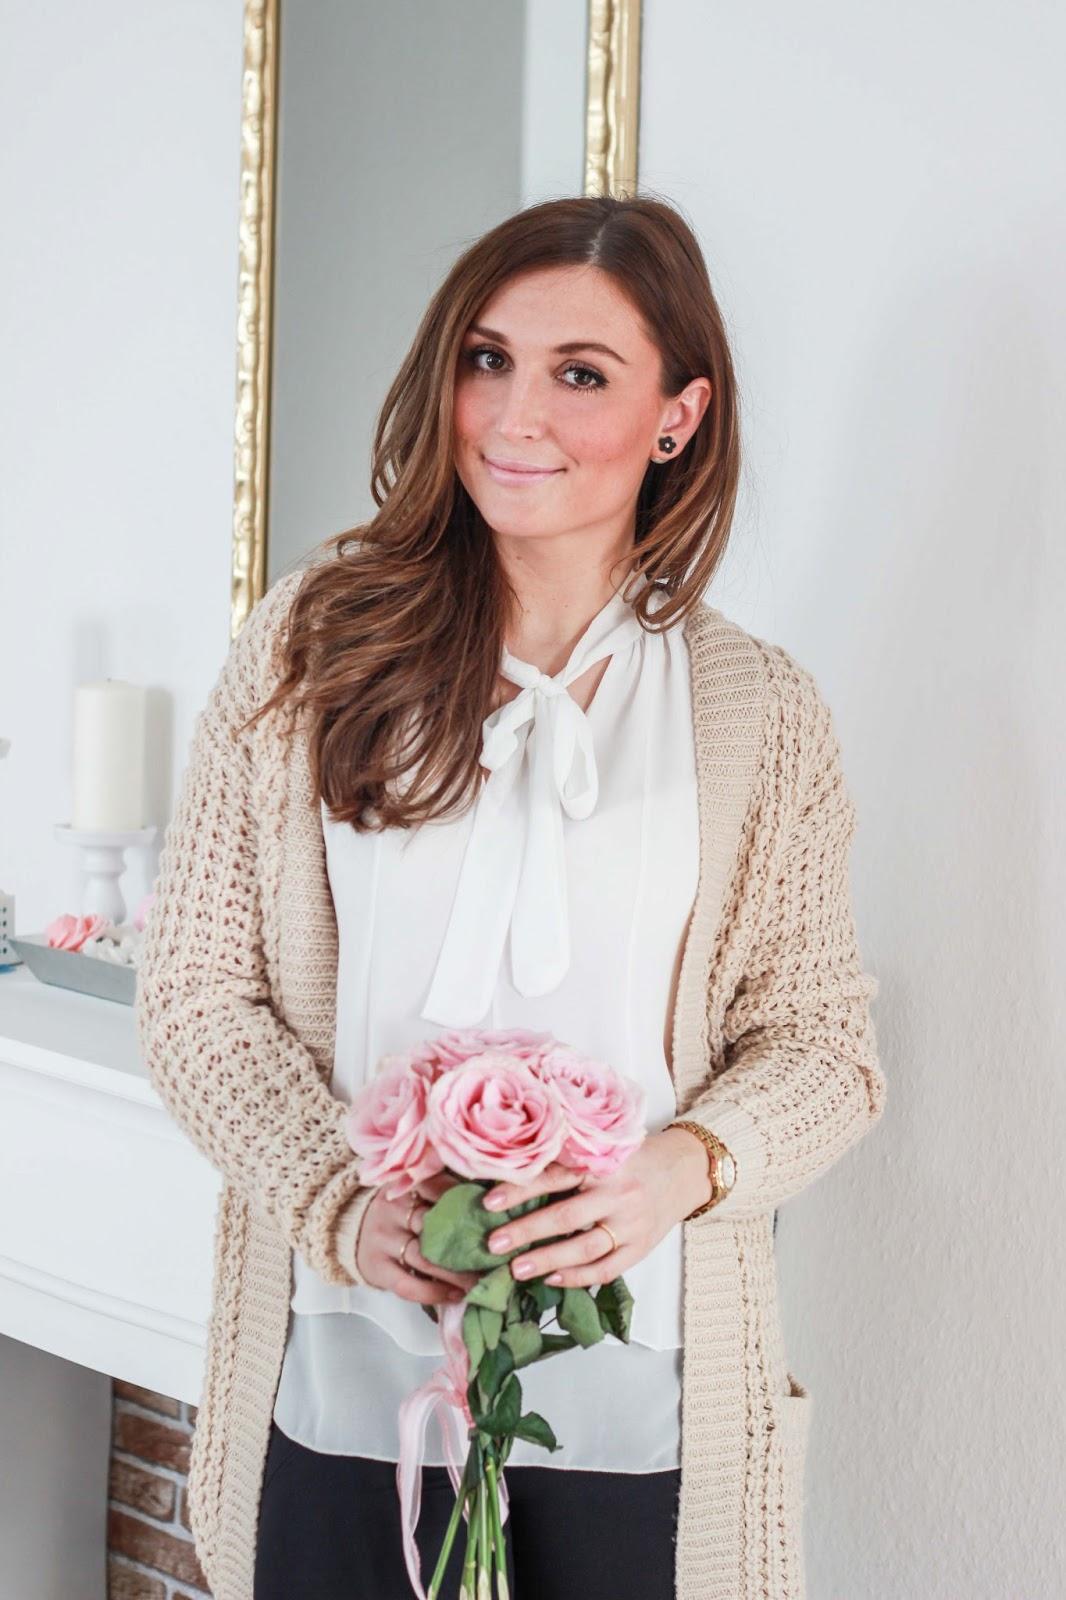 Home - Interior - weiße Bluse kombinieren - Outfitinspirationen für weiße Blusen - Fashionstylebyjohanna - Fashionblogger zu Hause - Interior - Fashionblogger at Home